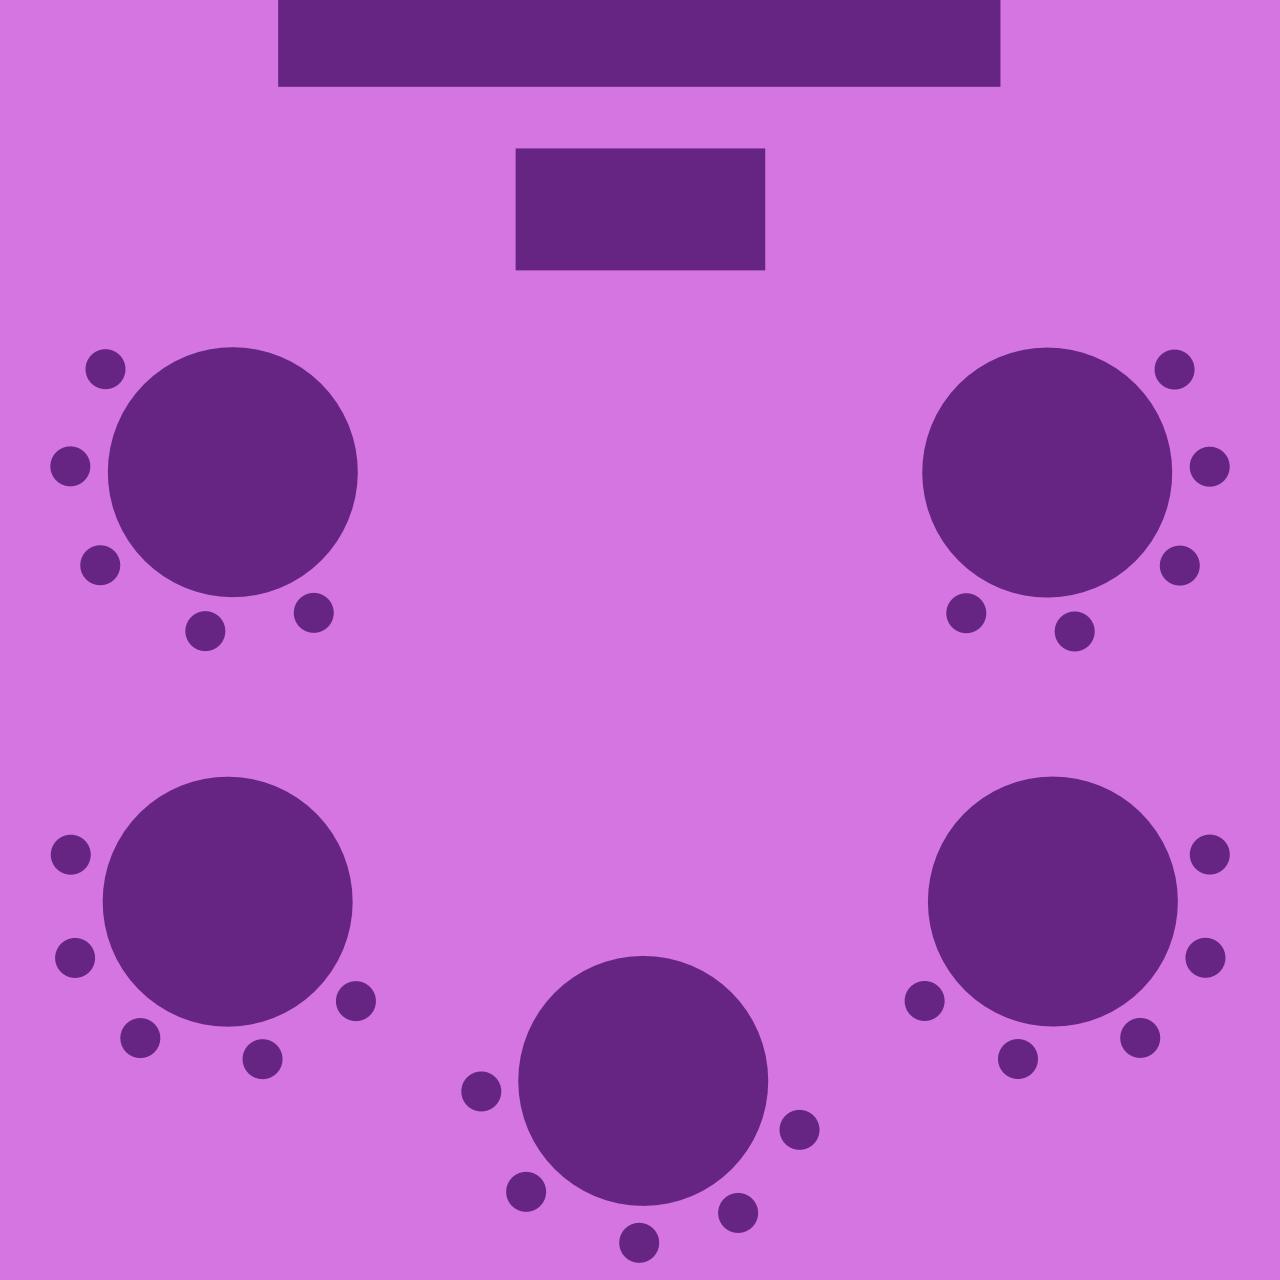 slice6.png